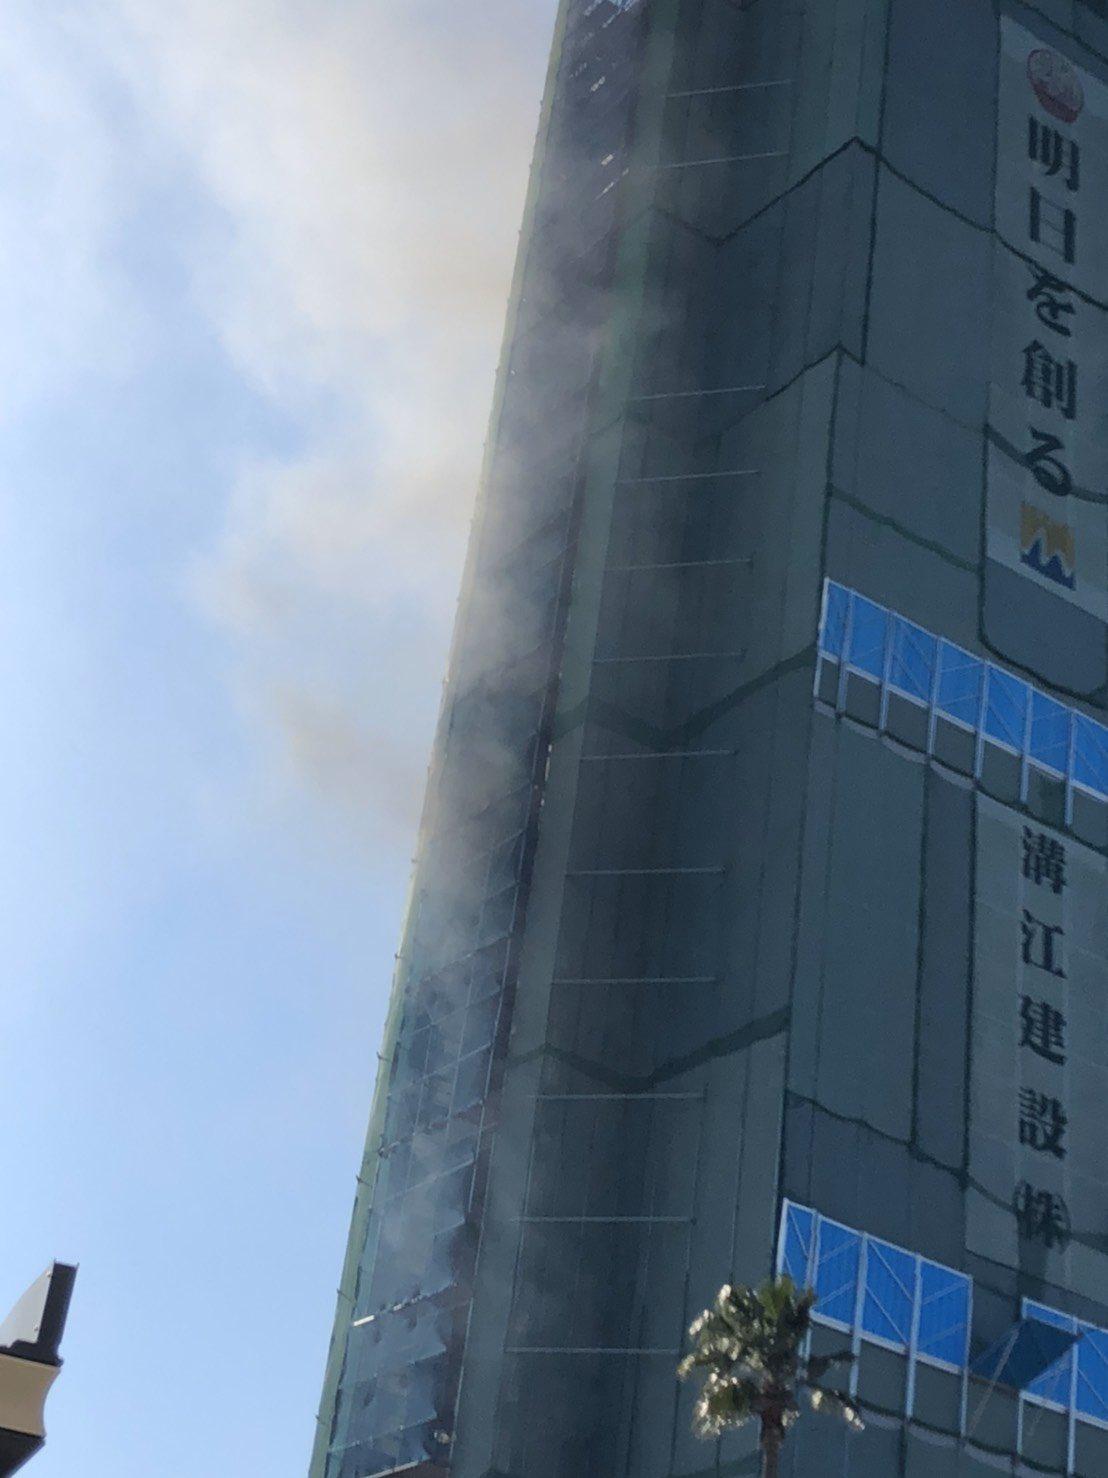 画像,ベイサイドタワー火事 https://t.co/mTvIyFgTRx。